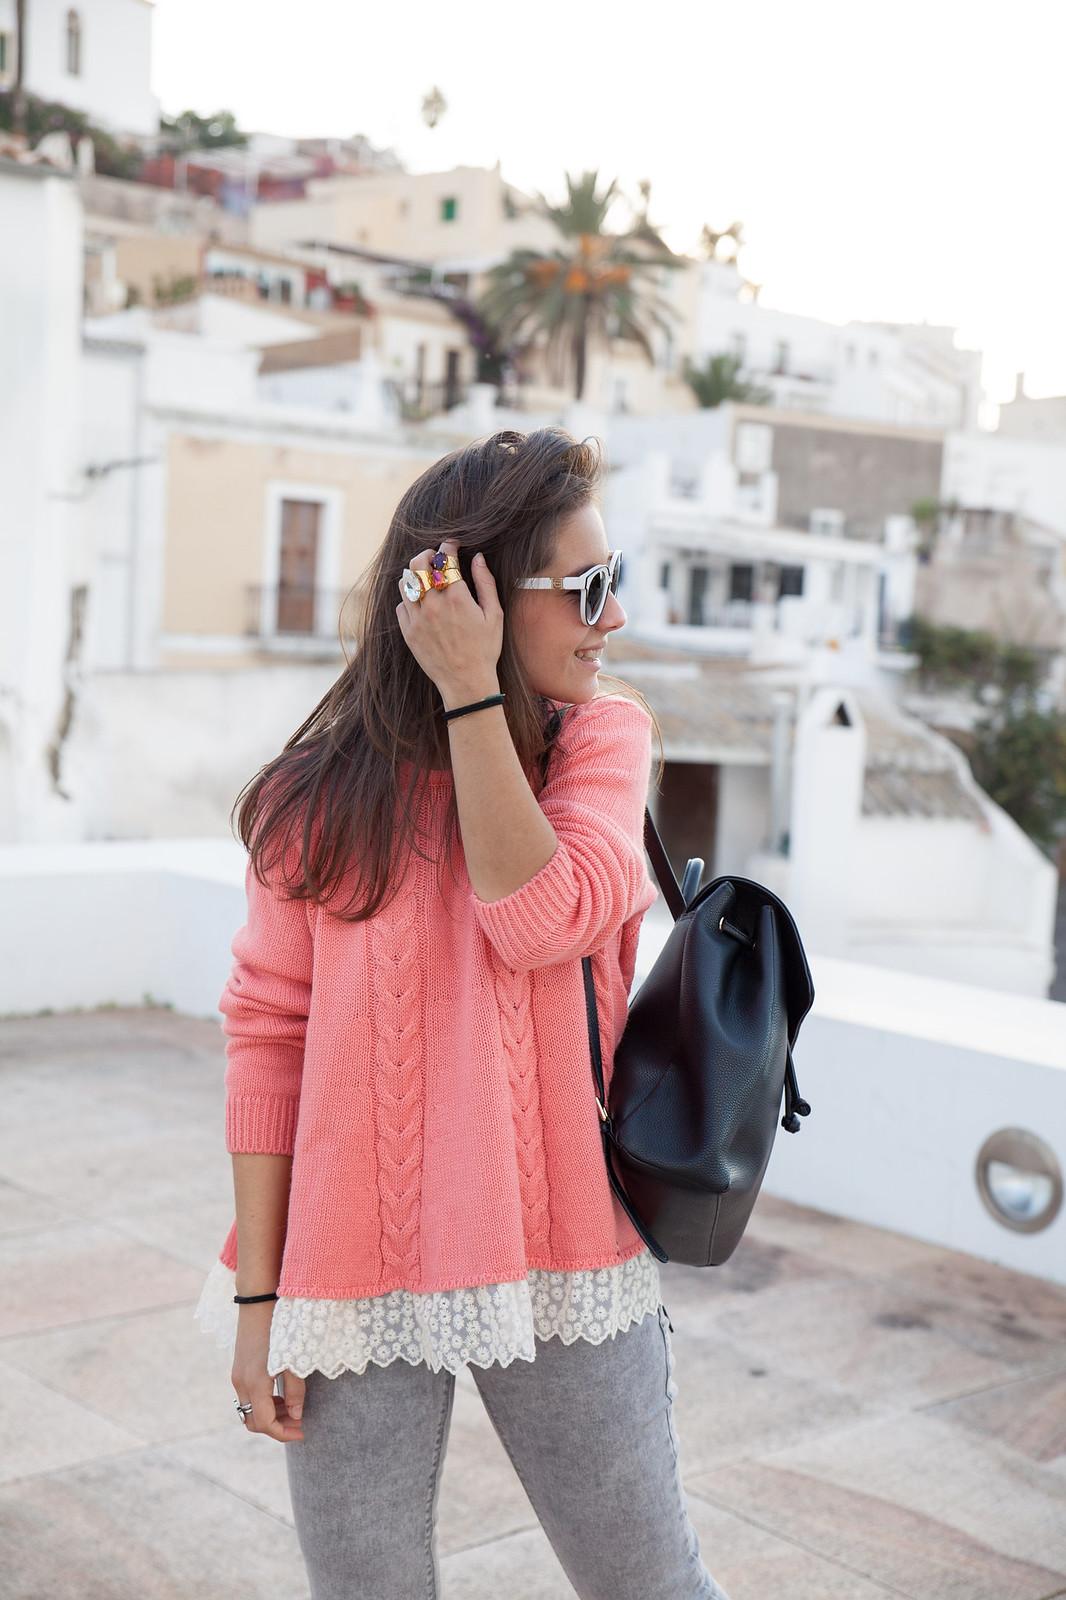 como combinar jersey de punto rosa theguestgirl influencer ibiza spain barcelona jersey invierno rosa pantalones gris y mochila negra